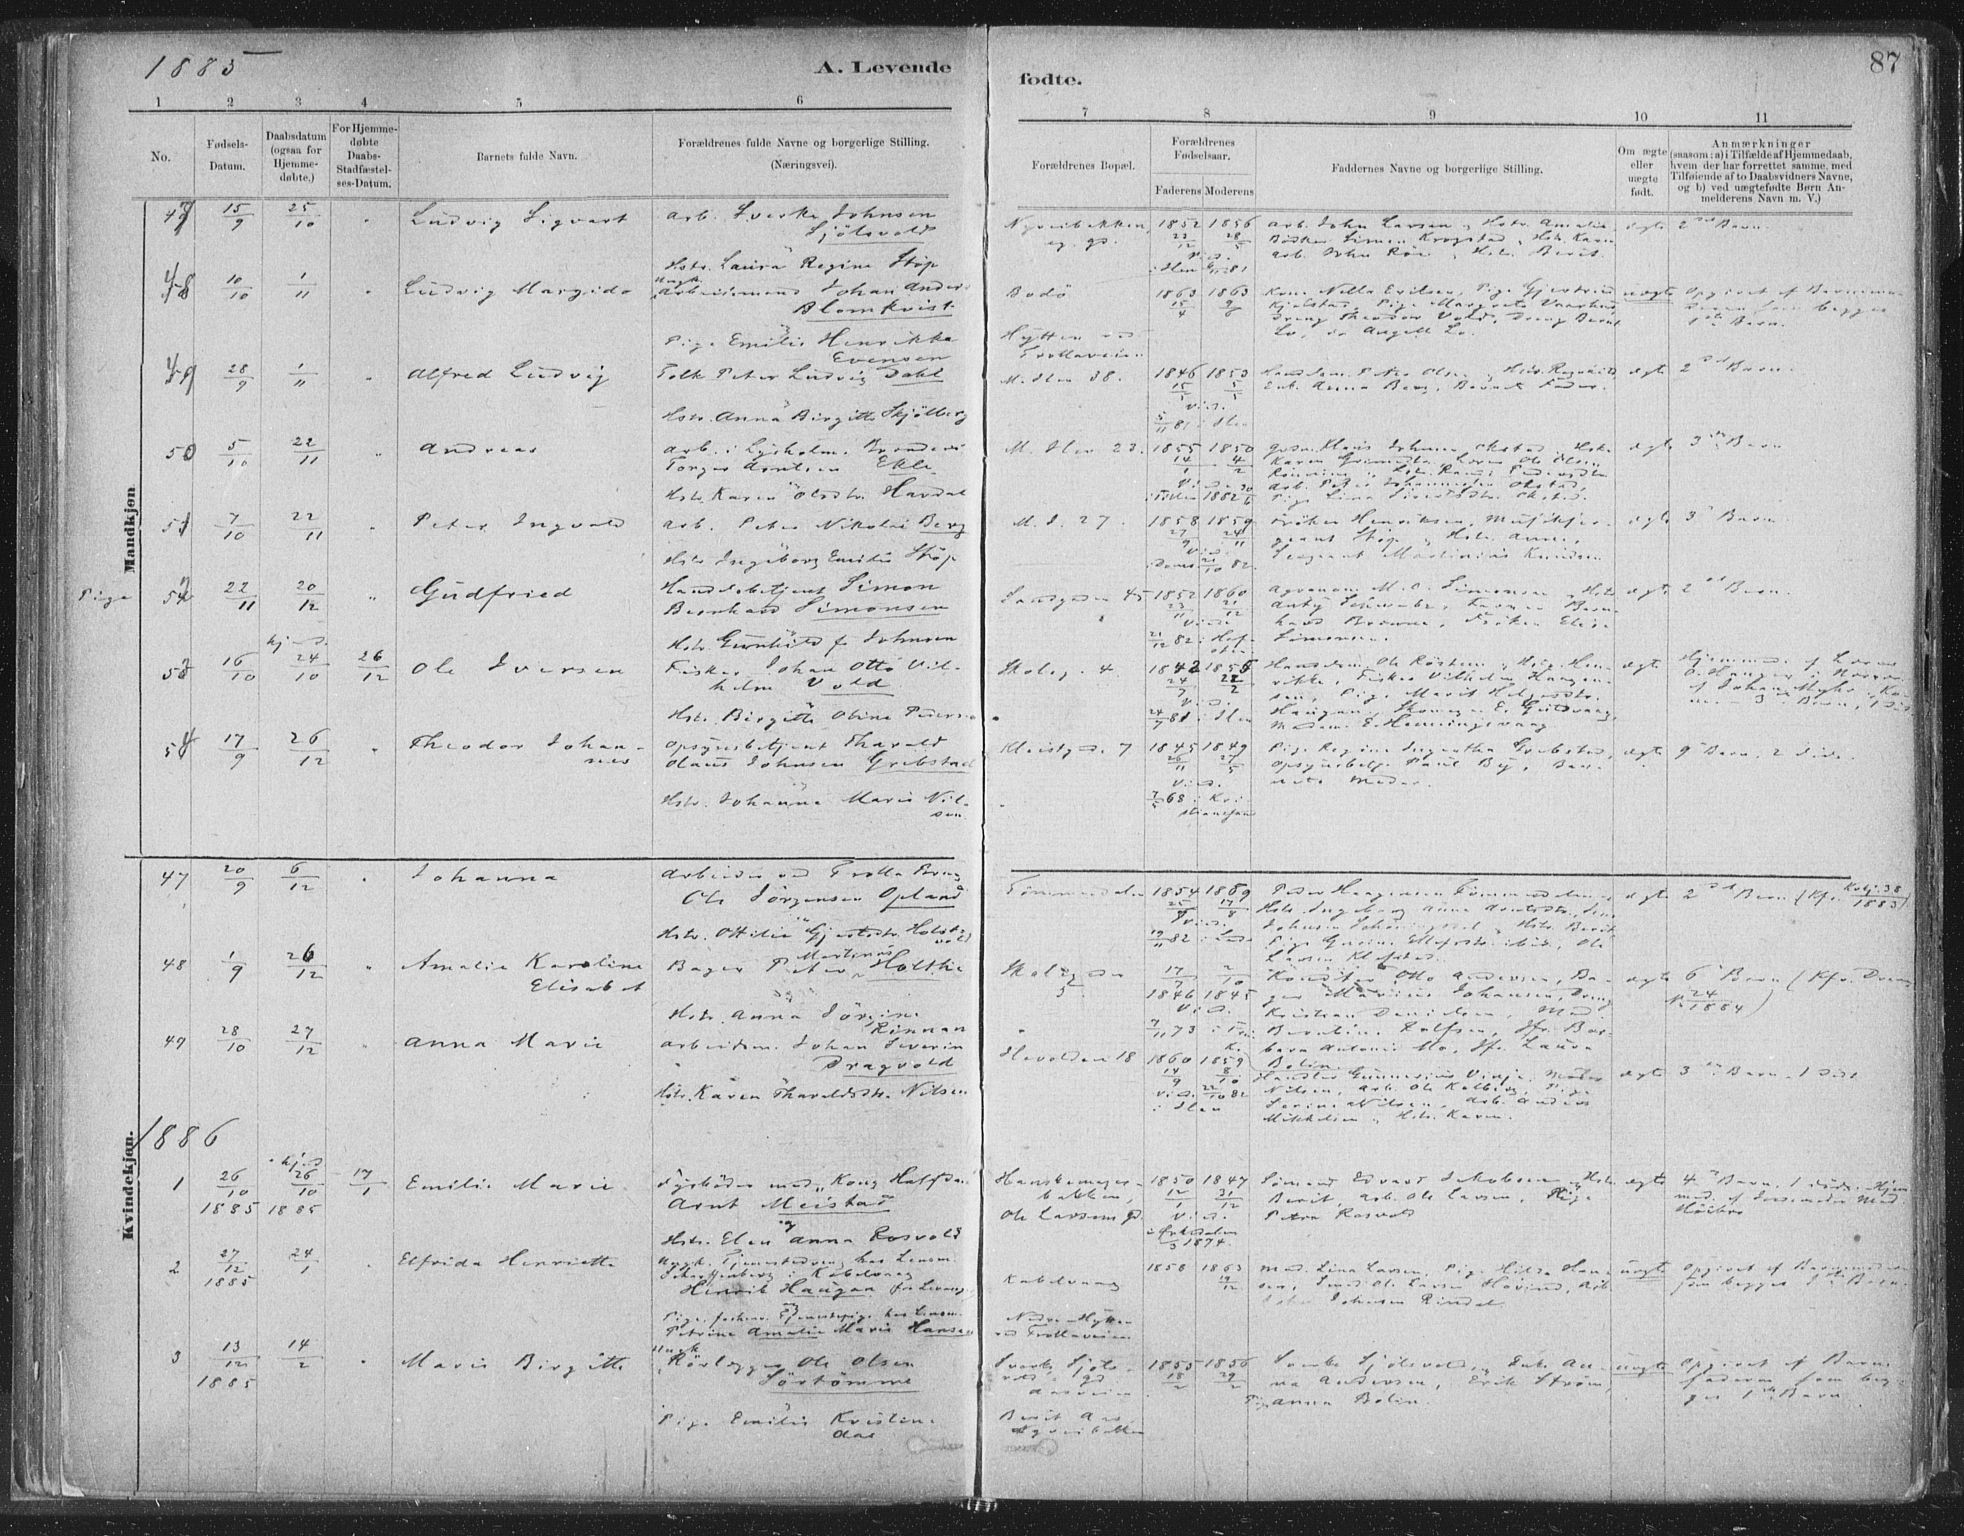 SAT, Ministerialprotokoller, klokkerbøker og fødselsregistre - Sør-Trøndelag, 603/L0162: Ministerialbok nr. 603A01, 1879-1895, s. 87